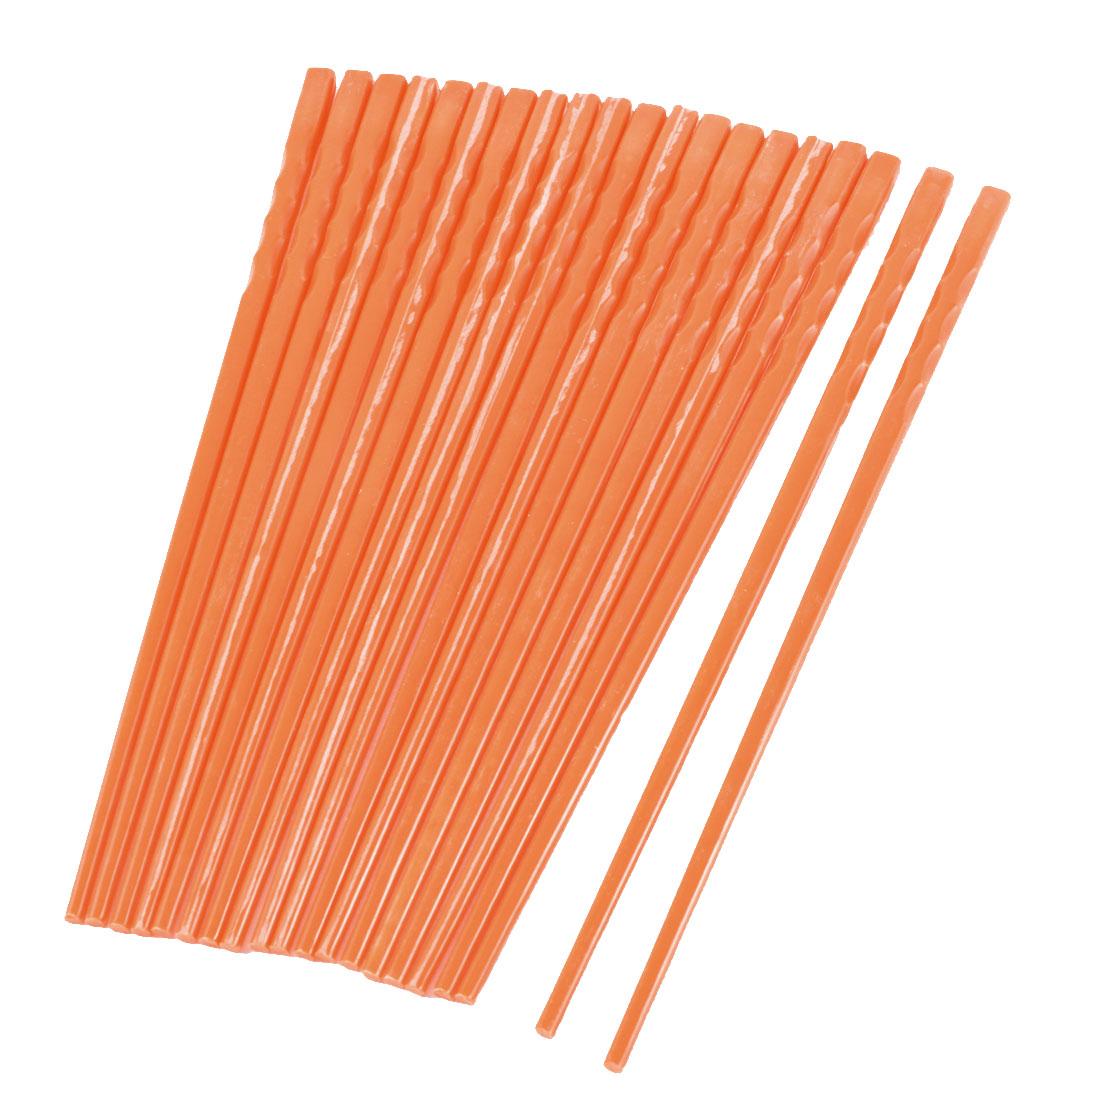 10 Pairs Home Tableware Orange Non-slip Plastic Chopsticks